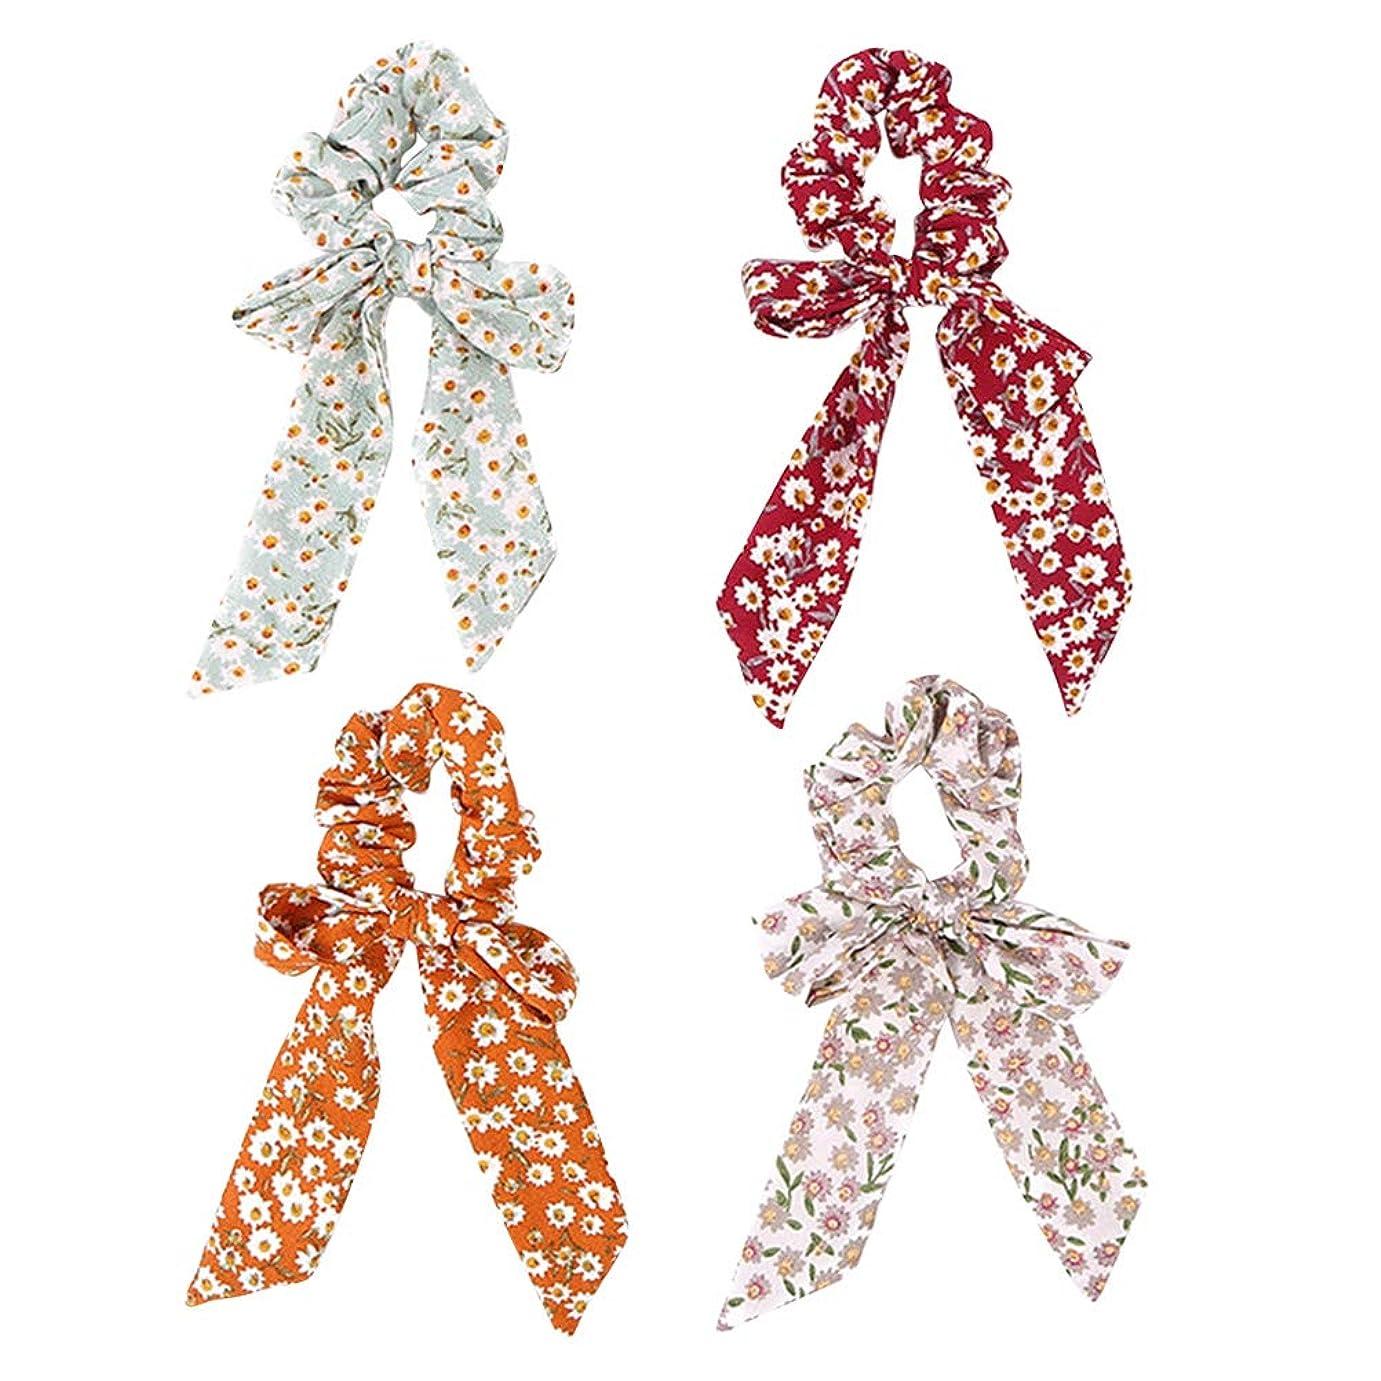 落ち着かないパシフィック苗Frcolor 4本 ちょう結び弾性髪ネクタイ 華やかなヘアバンド 弾性伸縮性のある ヘアネクタイ 女の子ヘアアクセサリー(白 黄色 赤 緑)